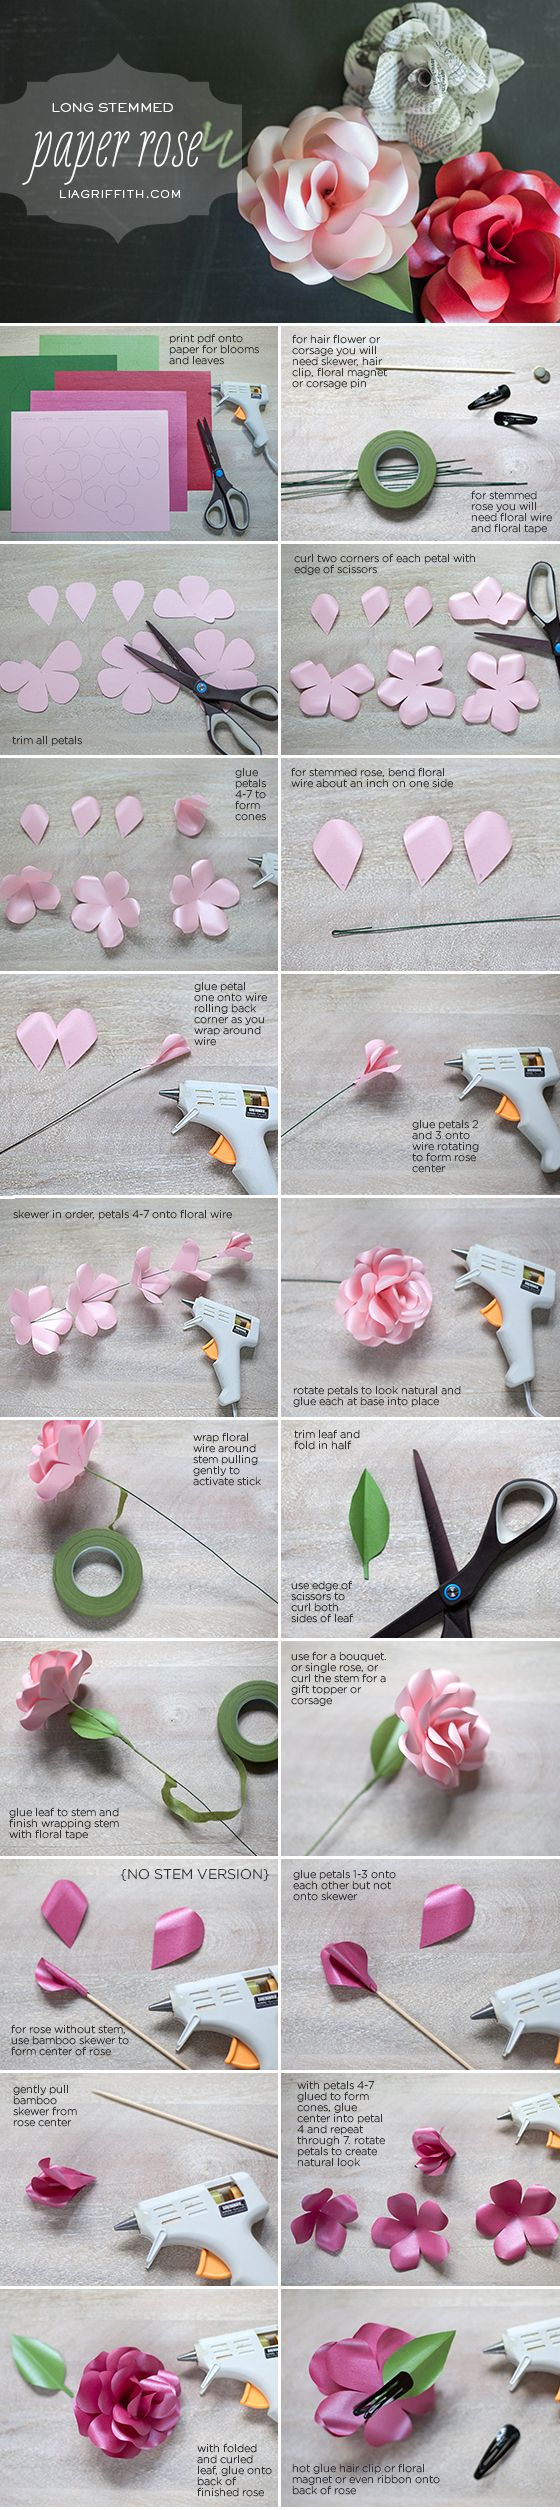 Diy long stemmed paper rose rose tutorial metallic paper and diy long stemmed paper rose dhlflorist Images